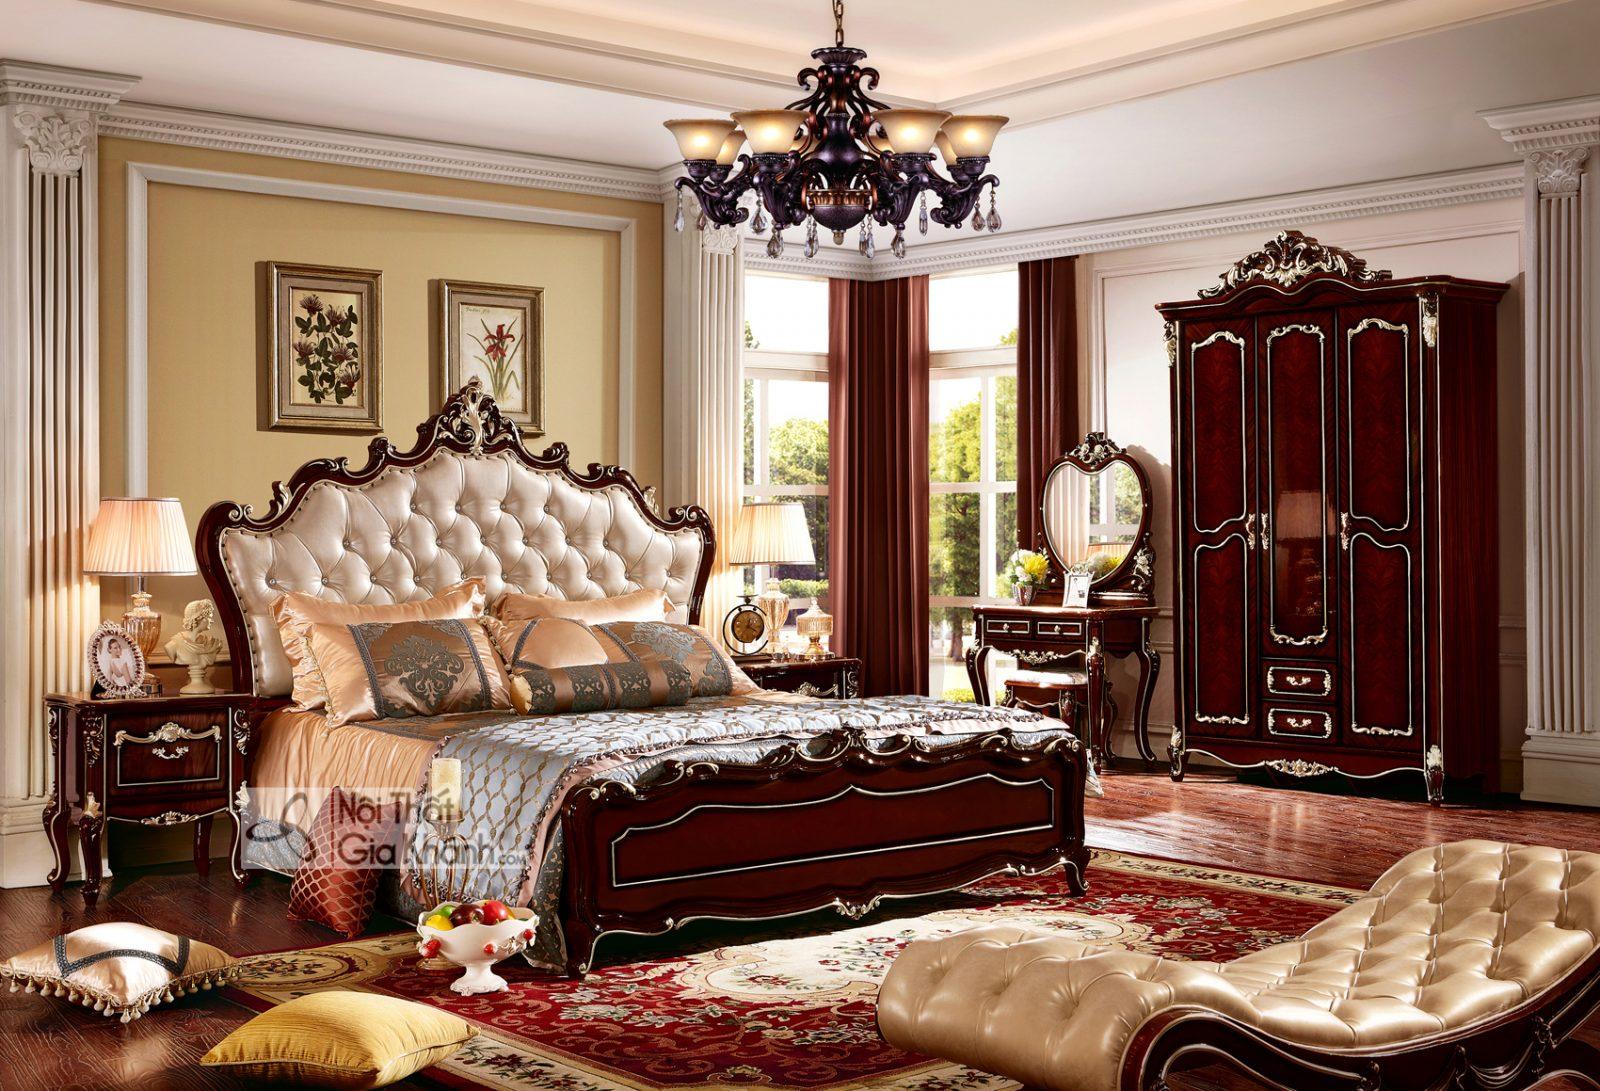 Giường ngủ Tân cổ điển màu rượu vang nho GI8826G phong cách Quý tộc